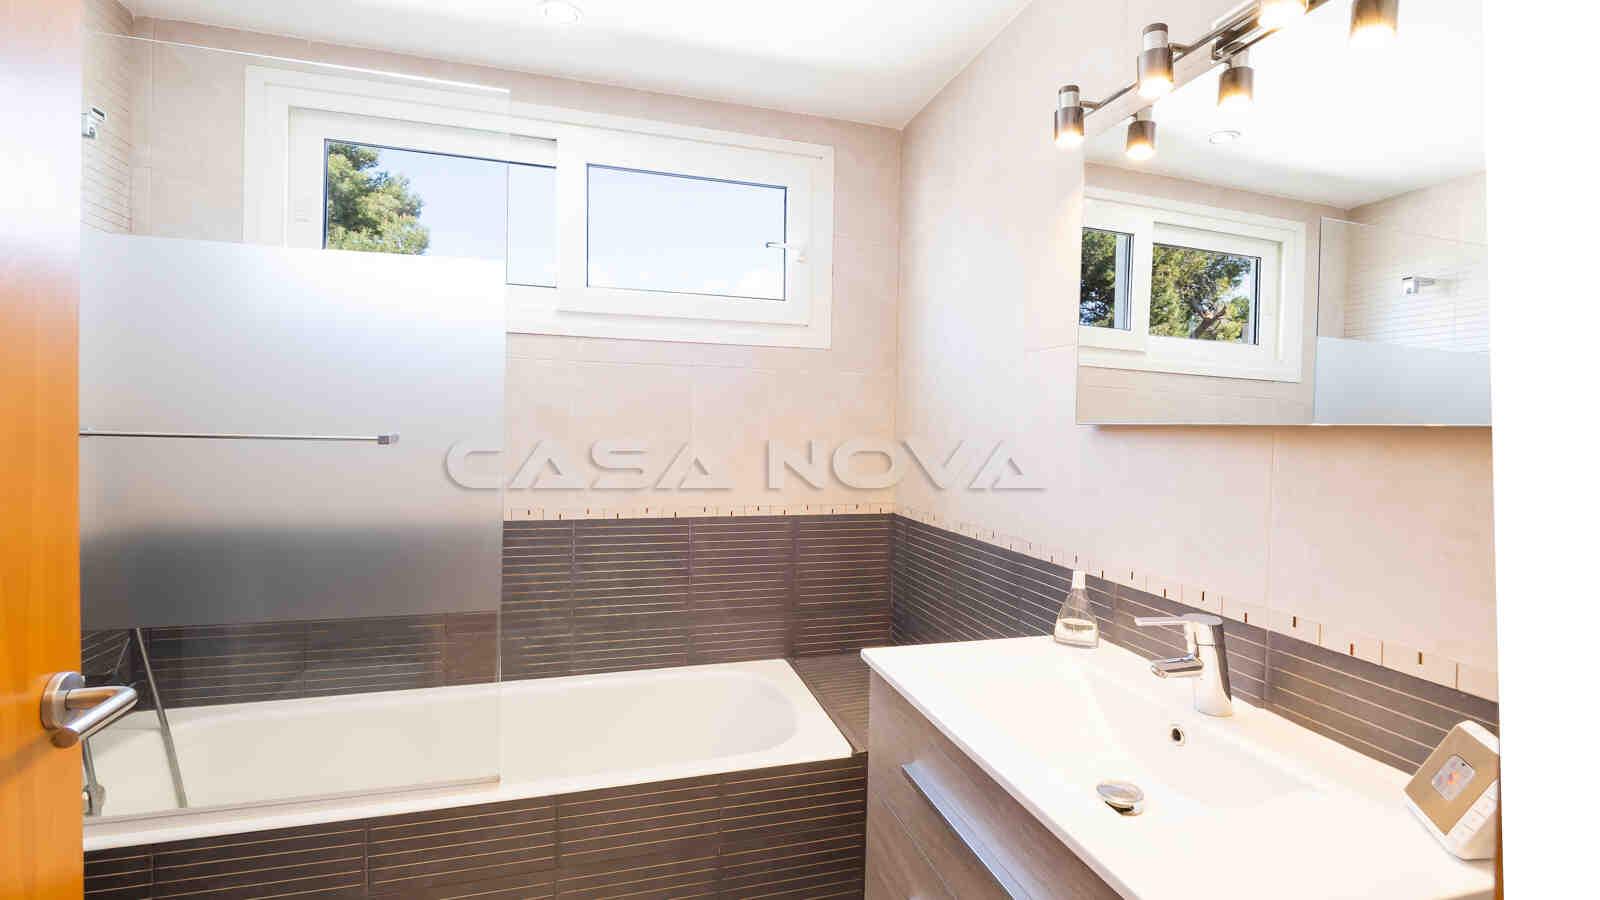 Helles Badezimmer mit großer Badewanne